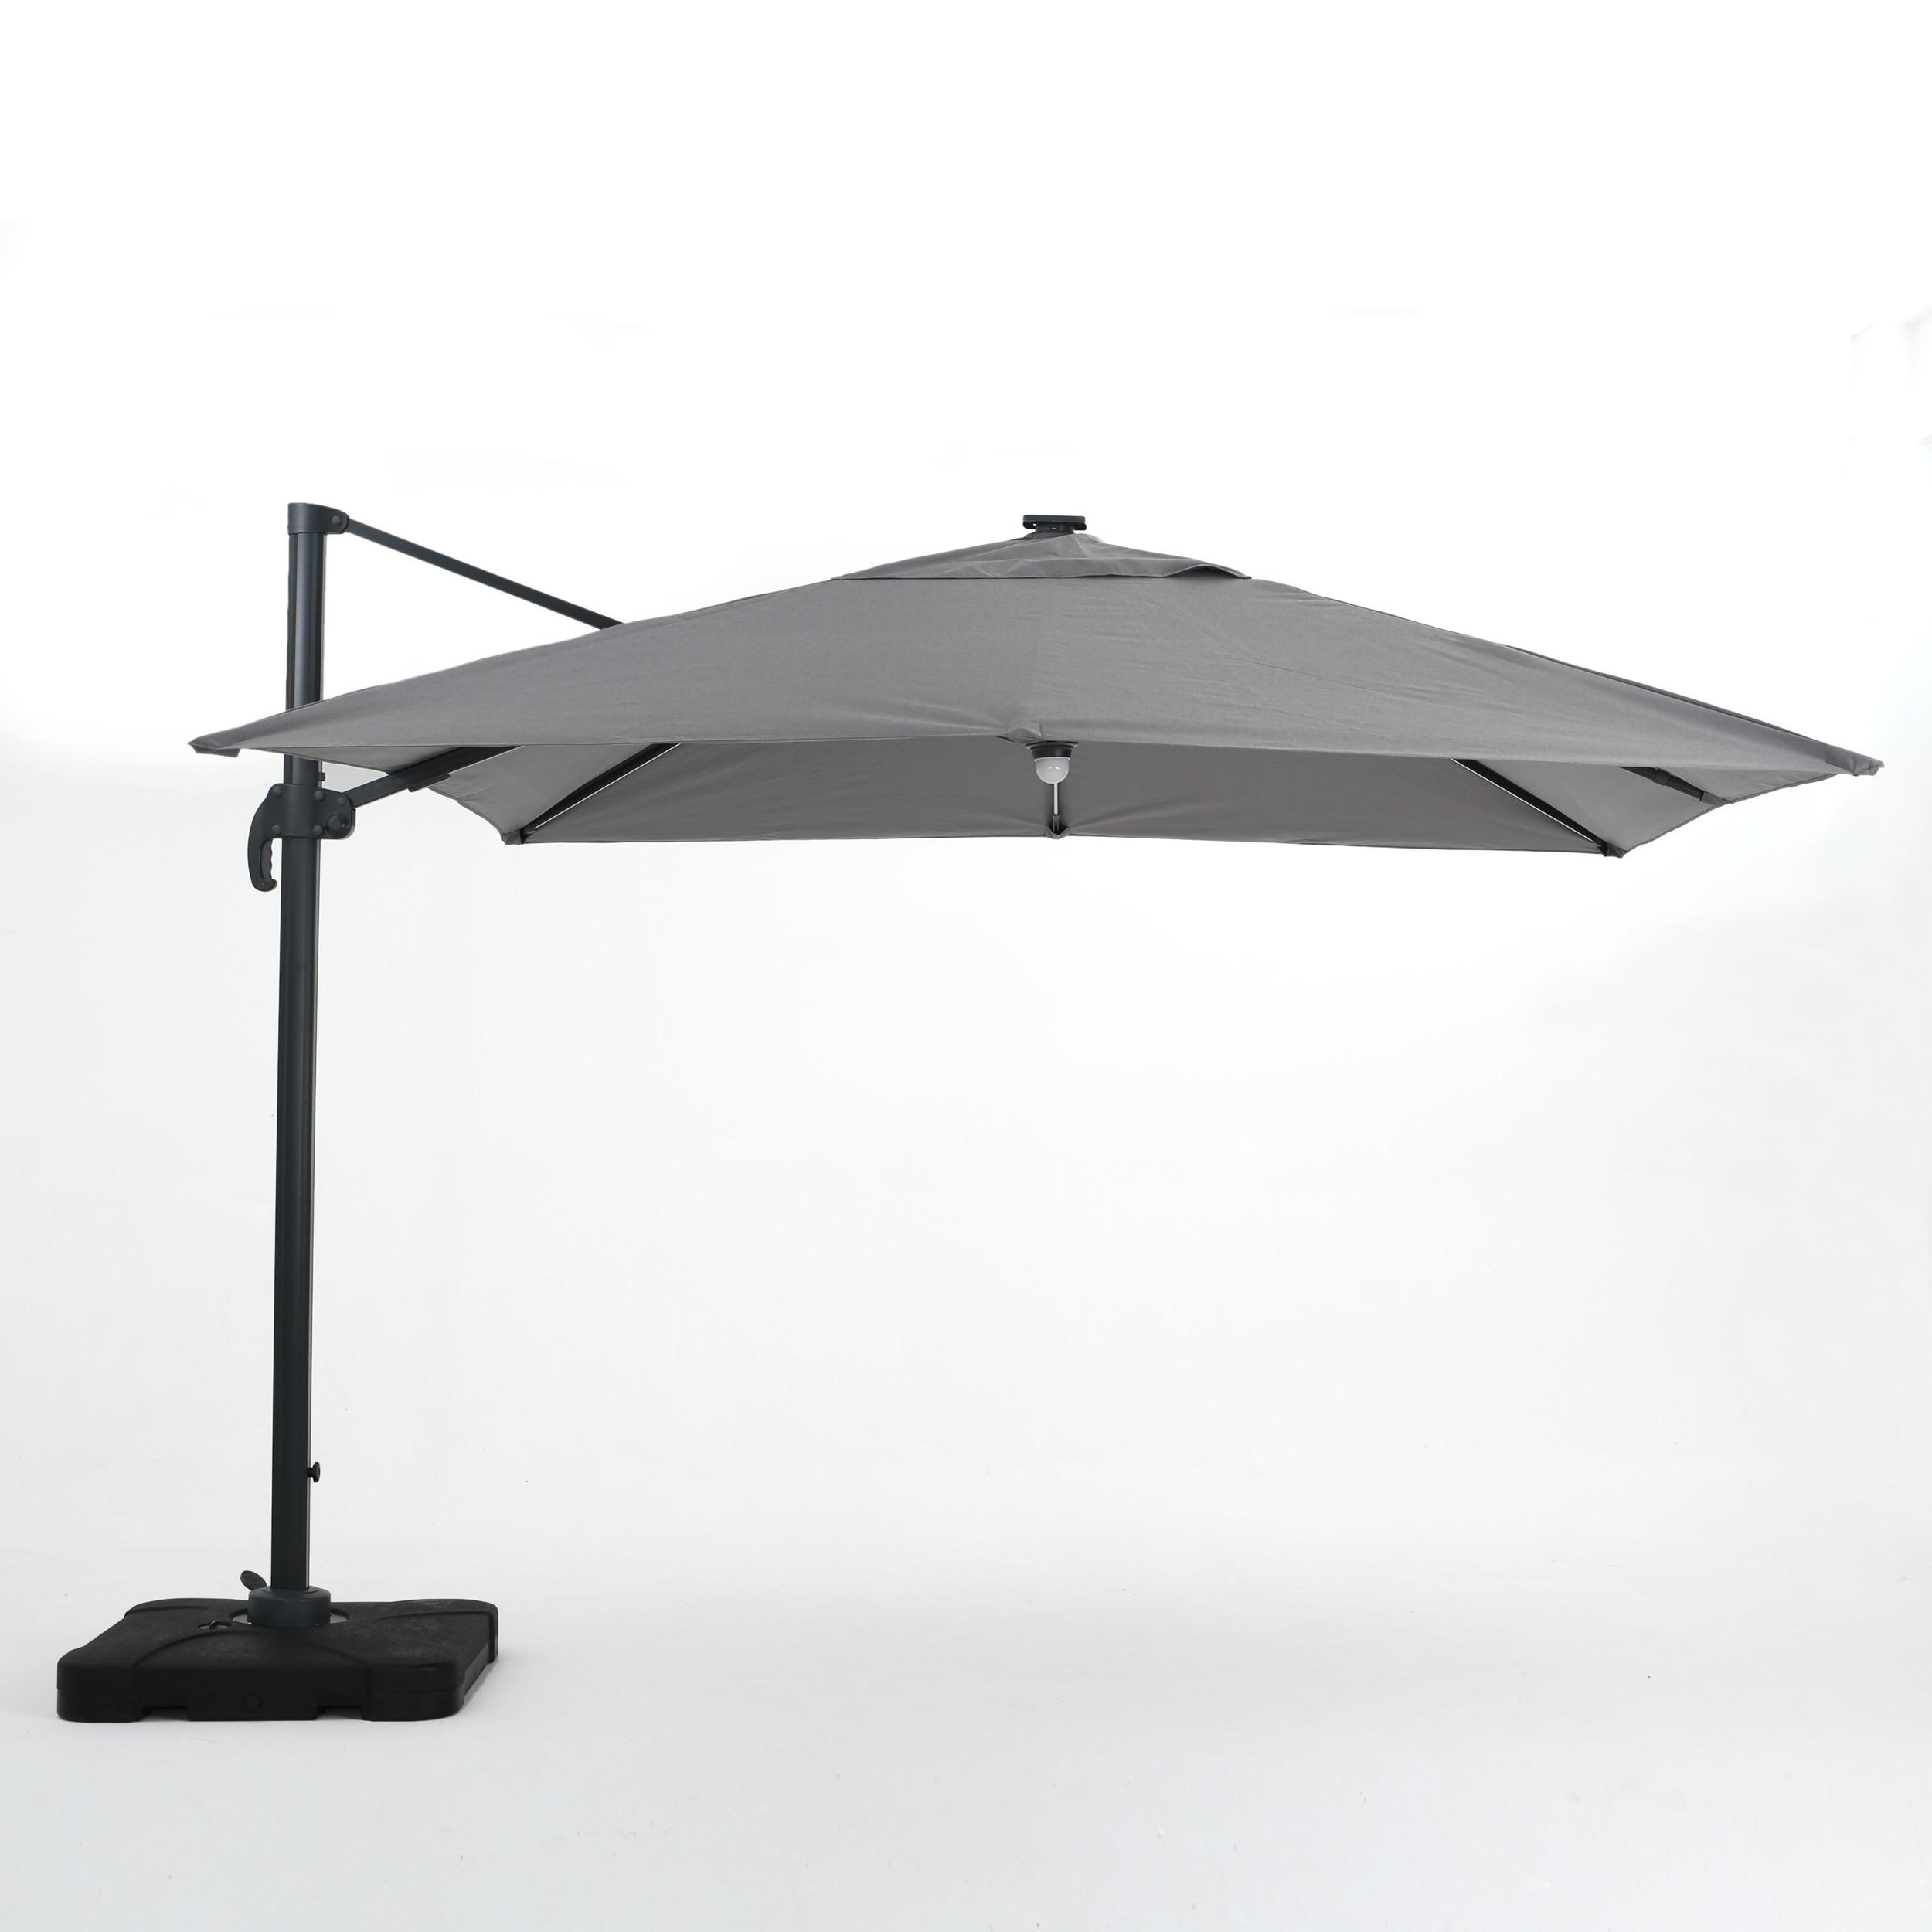 2020 Gemmenne Square Cantilever Umbrellas Intended For Jendayi Square Cantilever Umbrella (View 4 of 20)